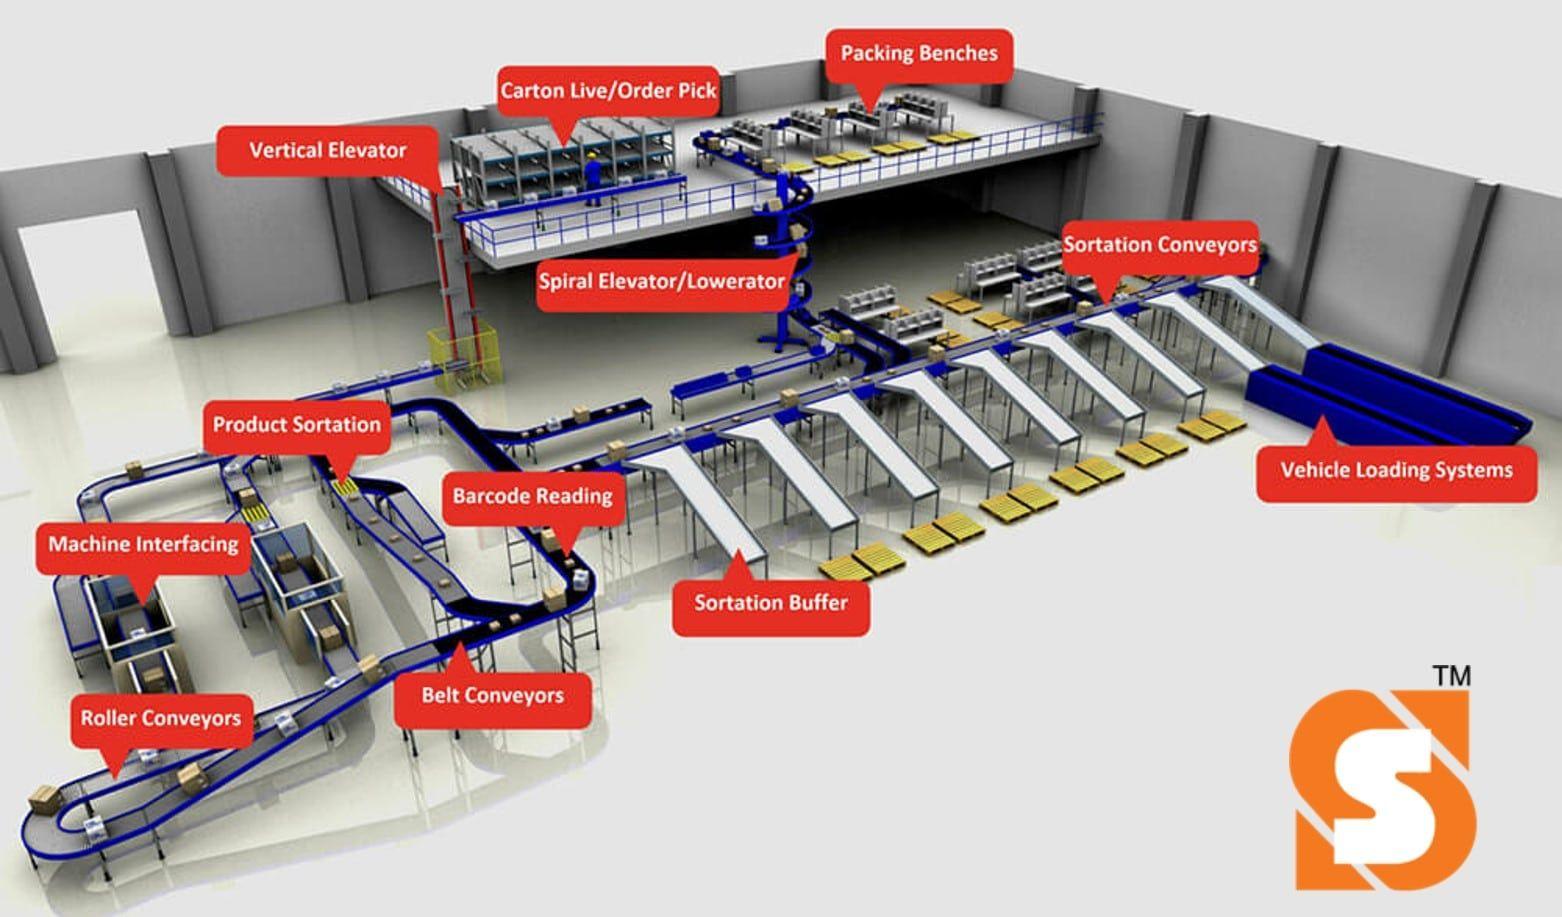 Belt Conveyor Floor Conveyor Overhead Conveyor in